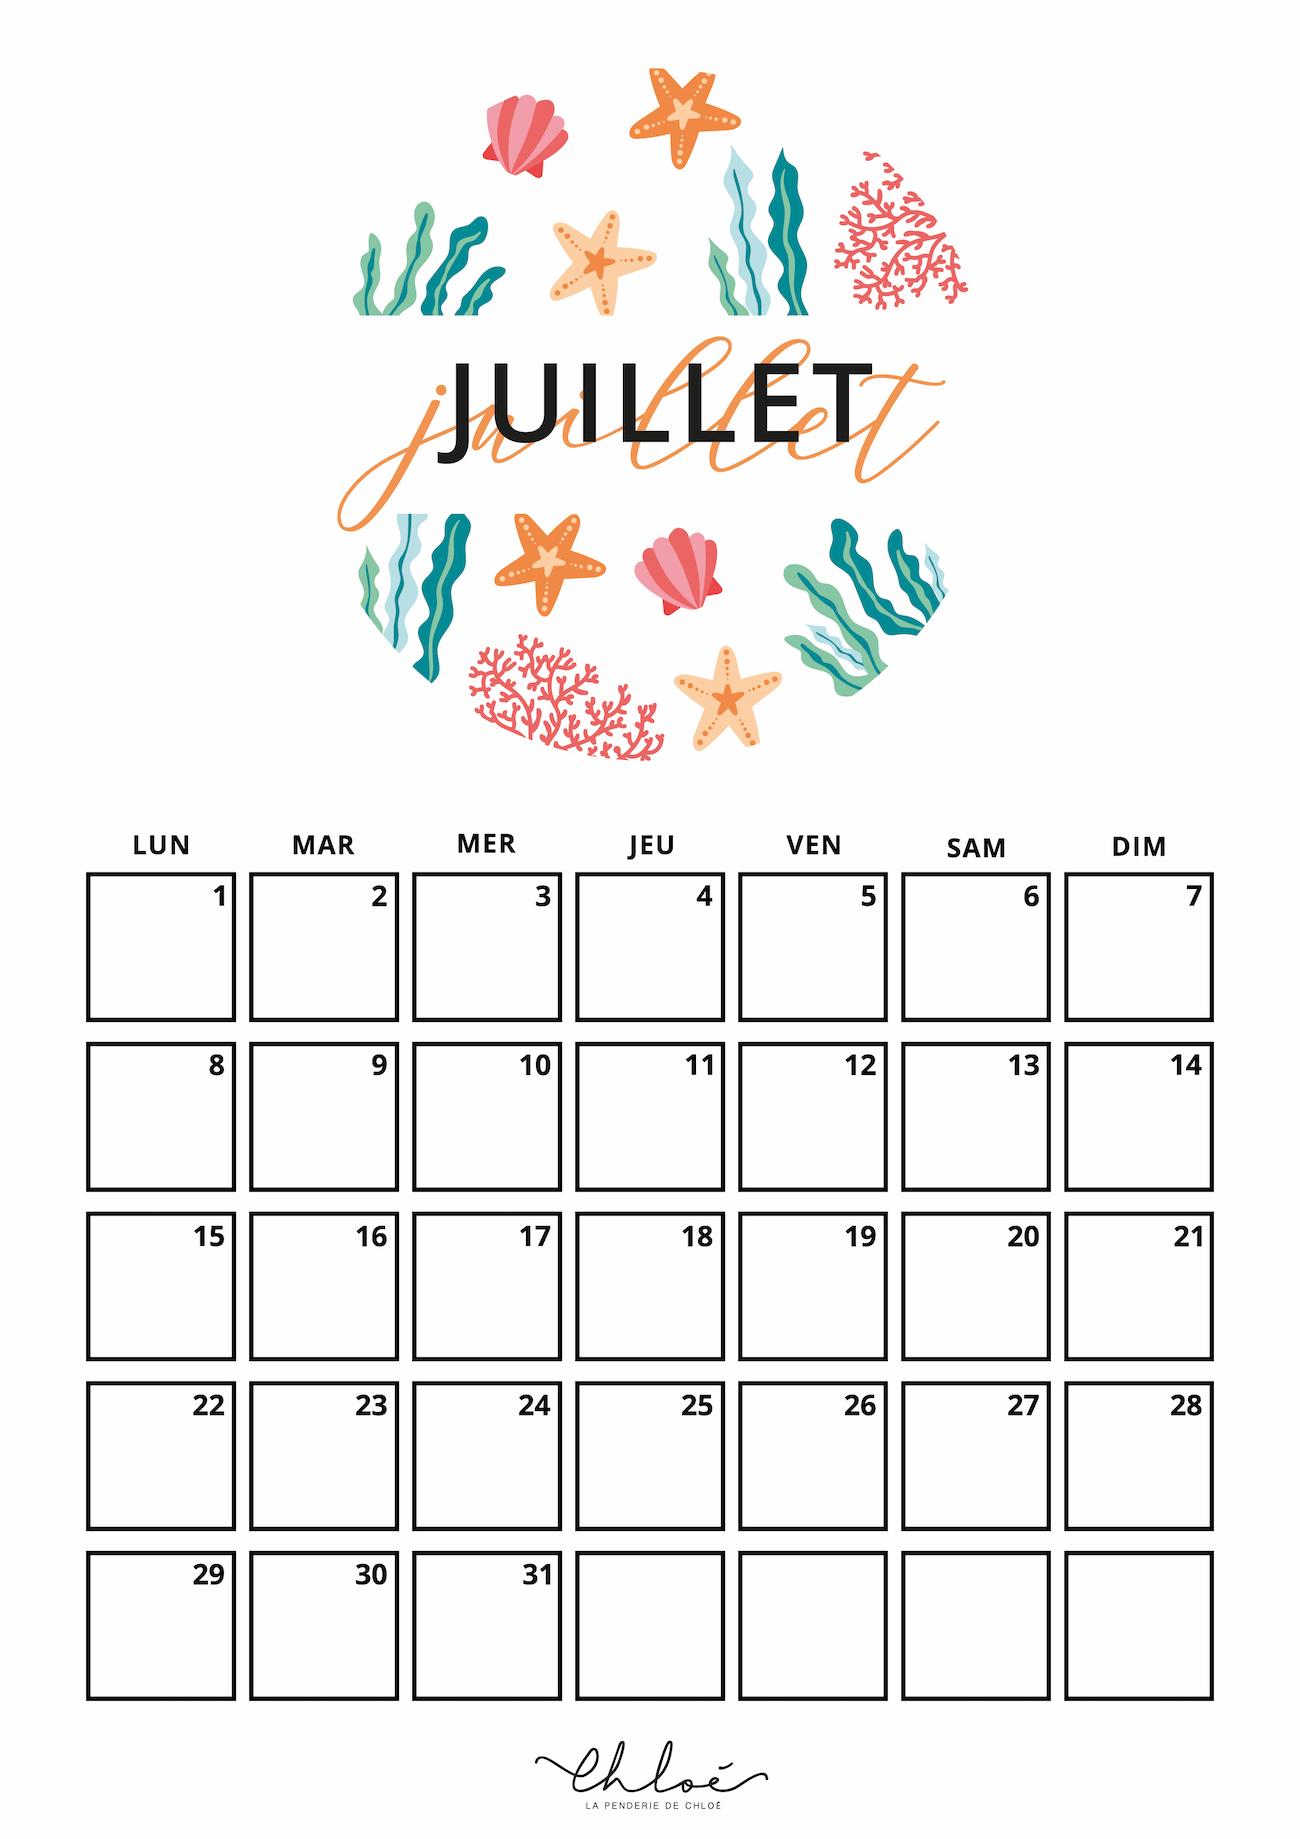 Calendrier A Imprimer Juillet 2019.Calendrier Juillet Kit A Imprimer Blog Lifestyle La